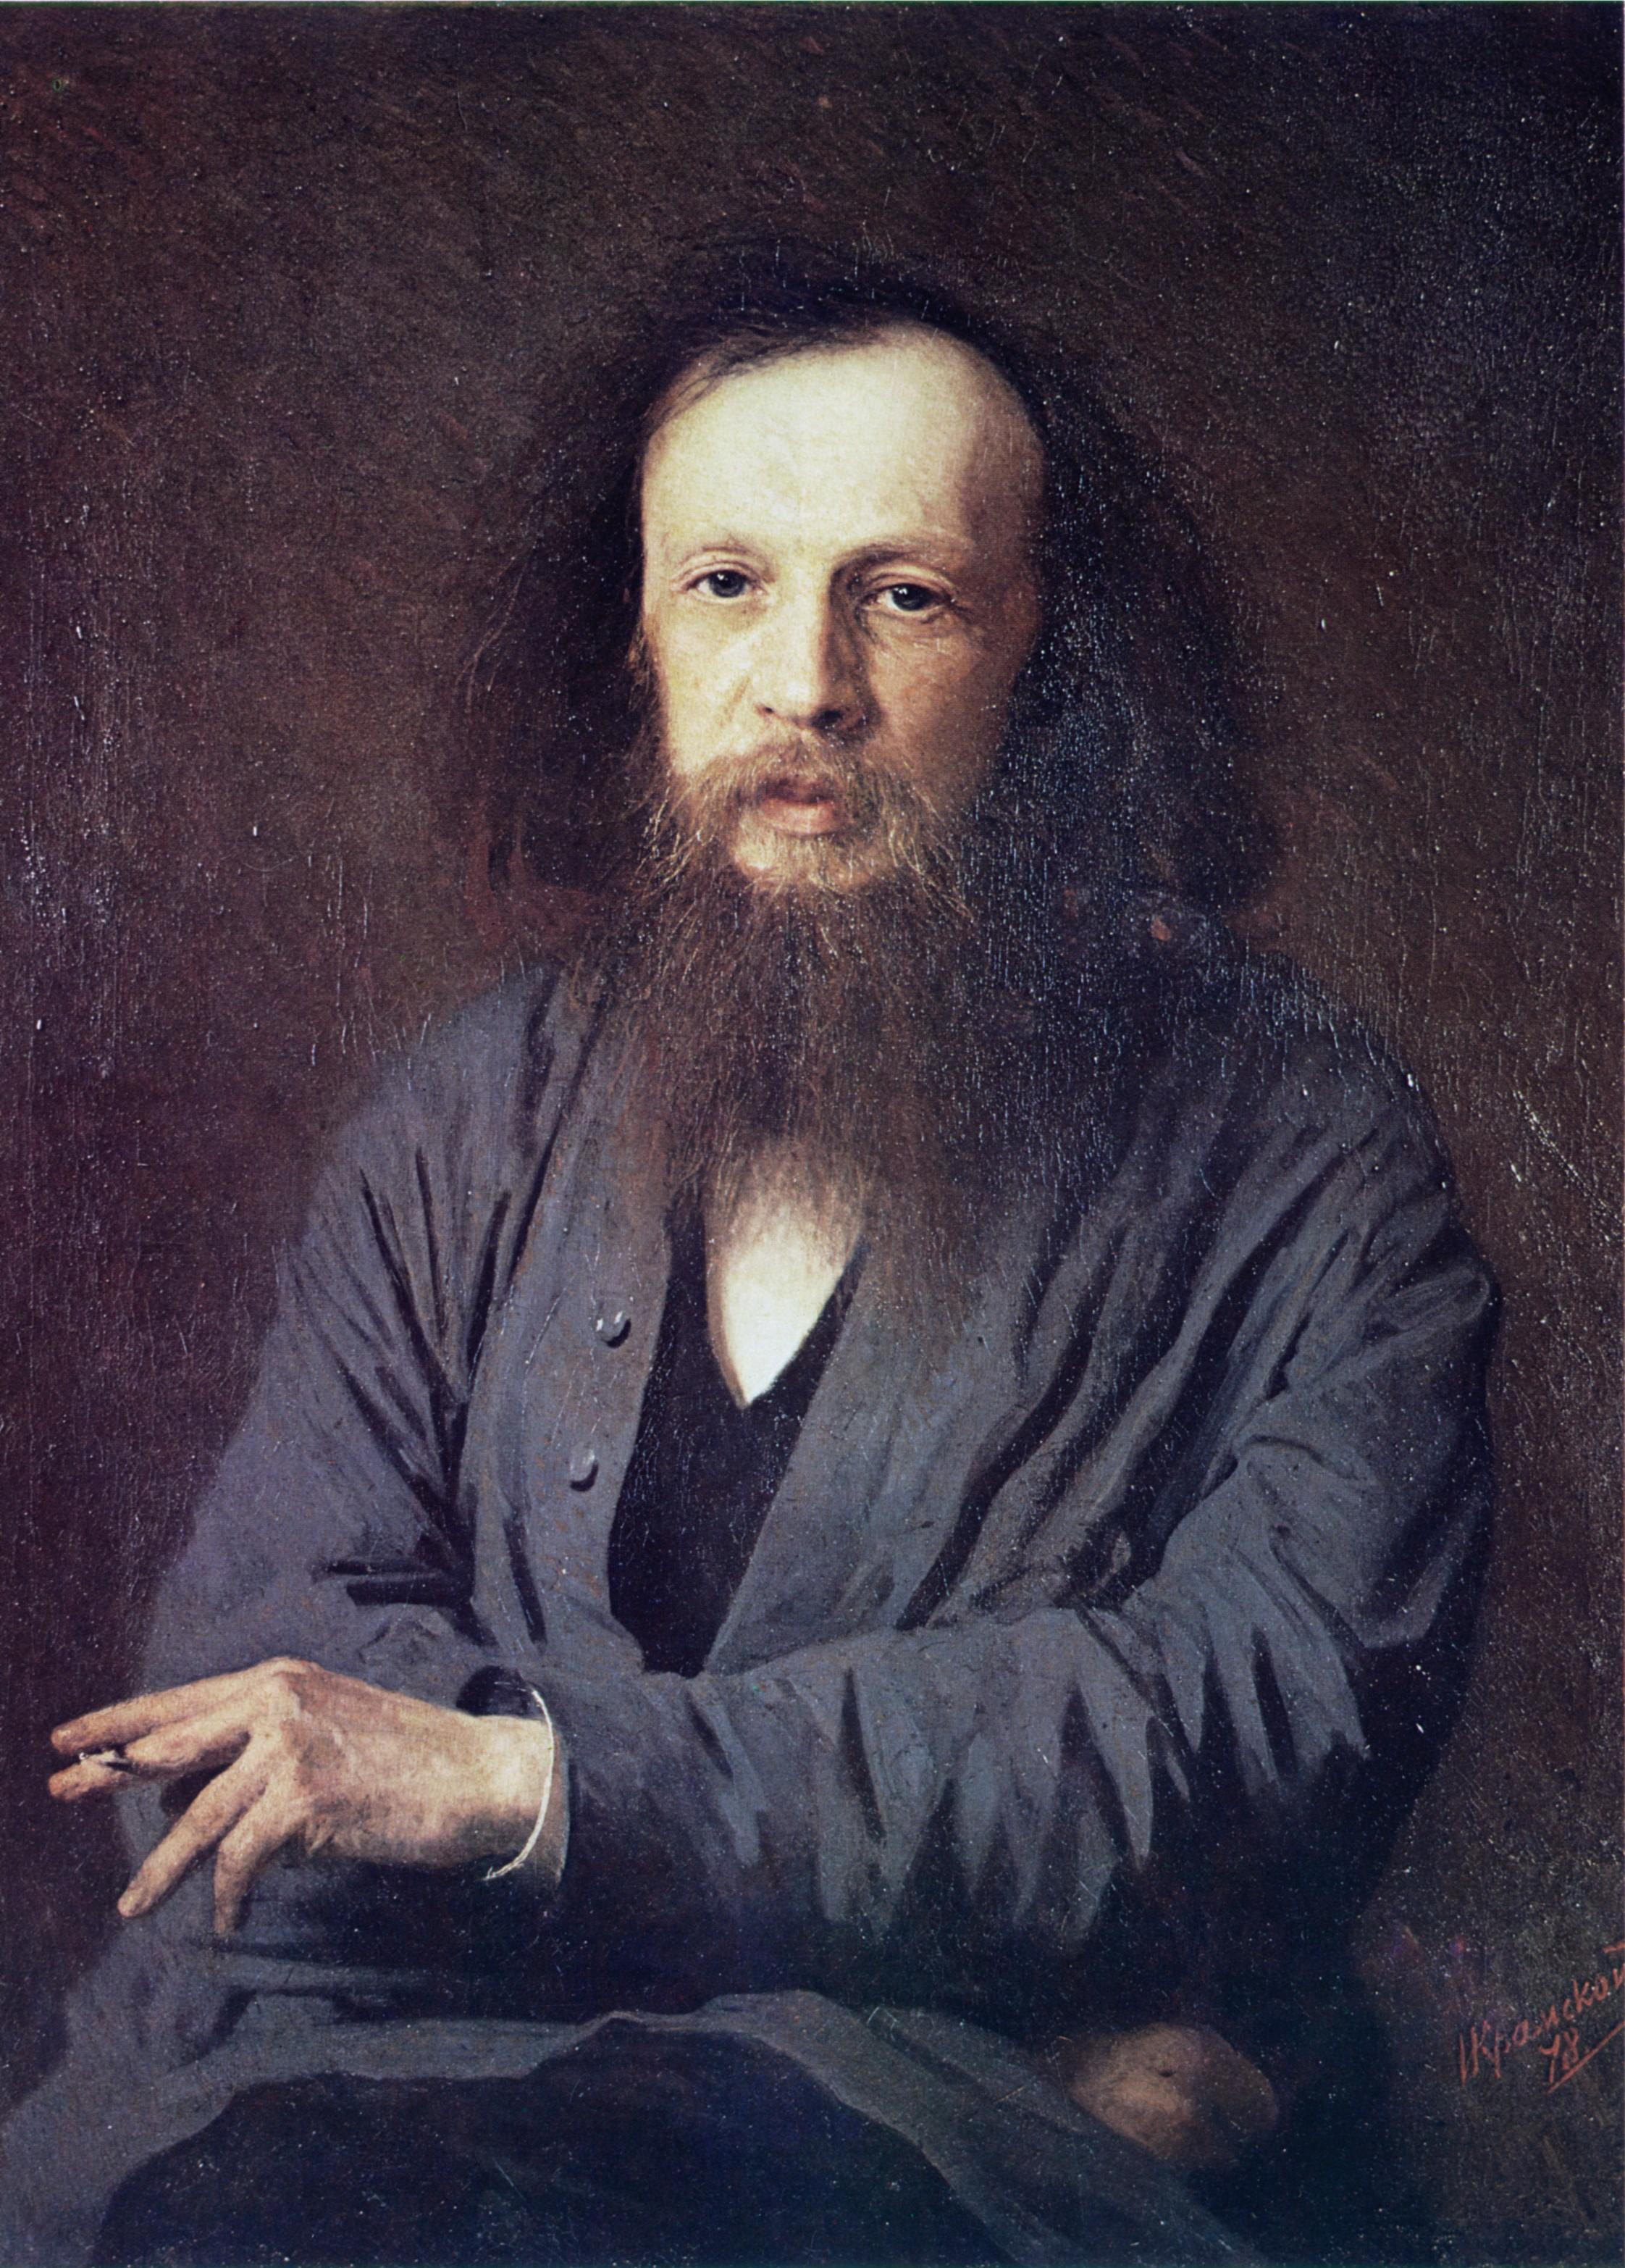 Mendeliev